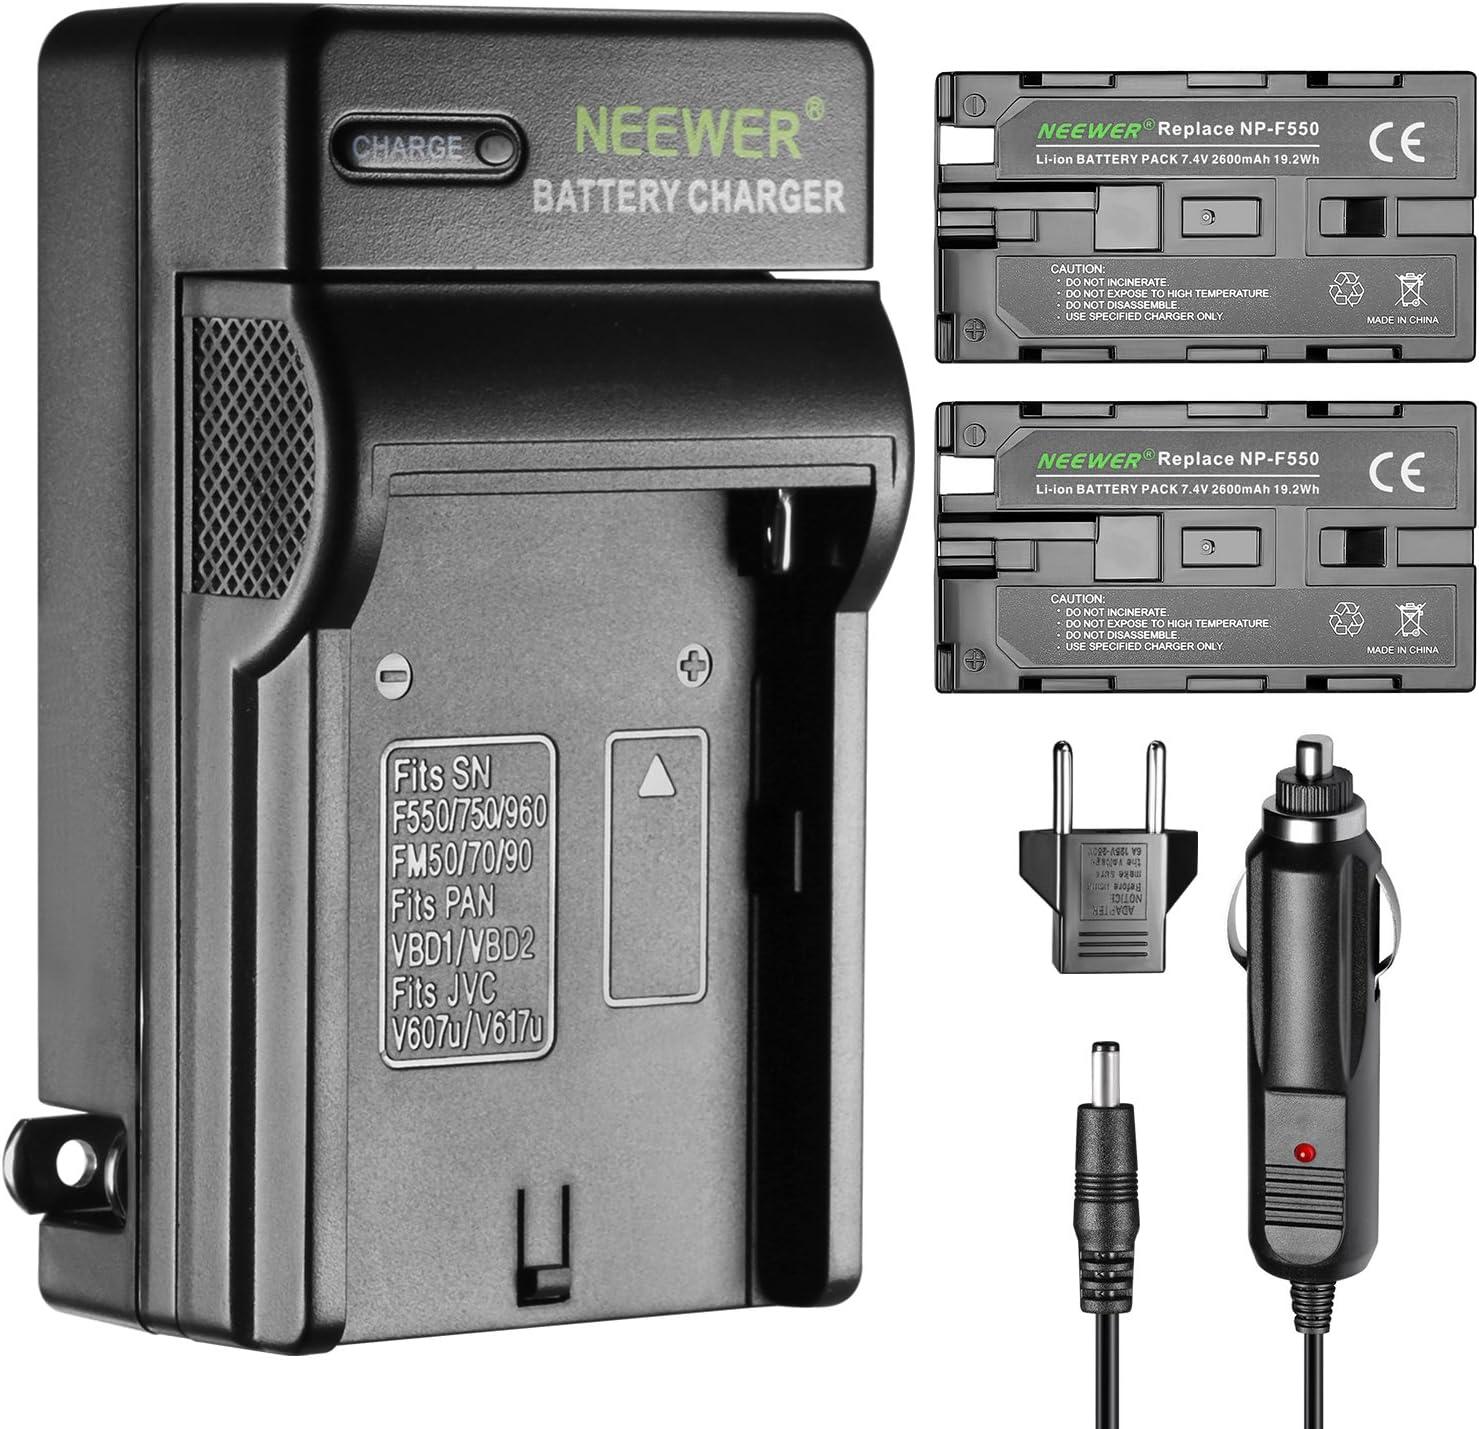 Neewer 2 Piezas 2600mAh Li-ion Batería de Reemplazo para Sony F550,Cargador con Adaptador(UE/EE.)de Coche,para Luz LED CN-160 CN-216,Monitor Campo NW759 etc.